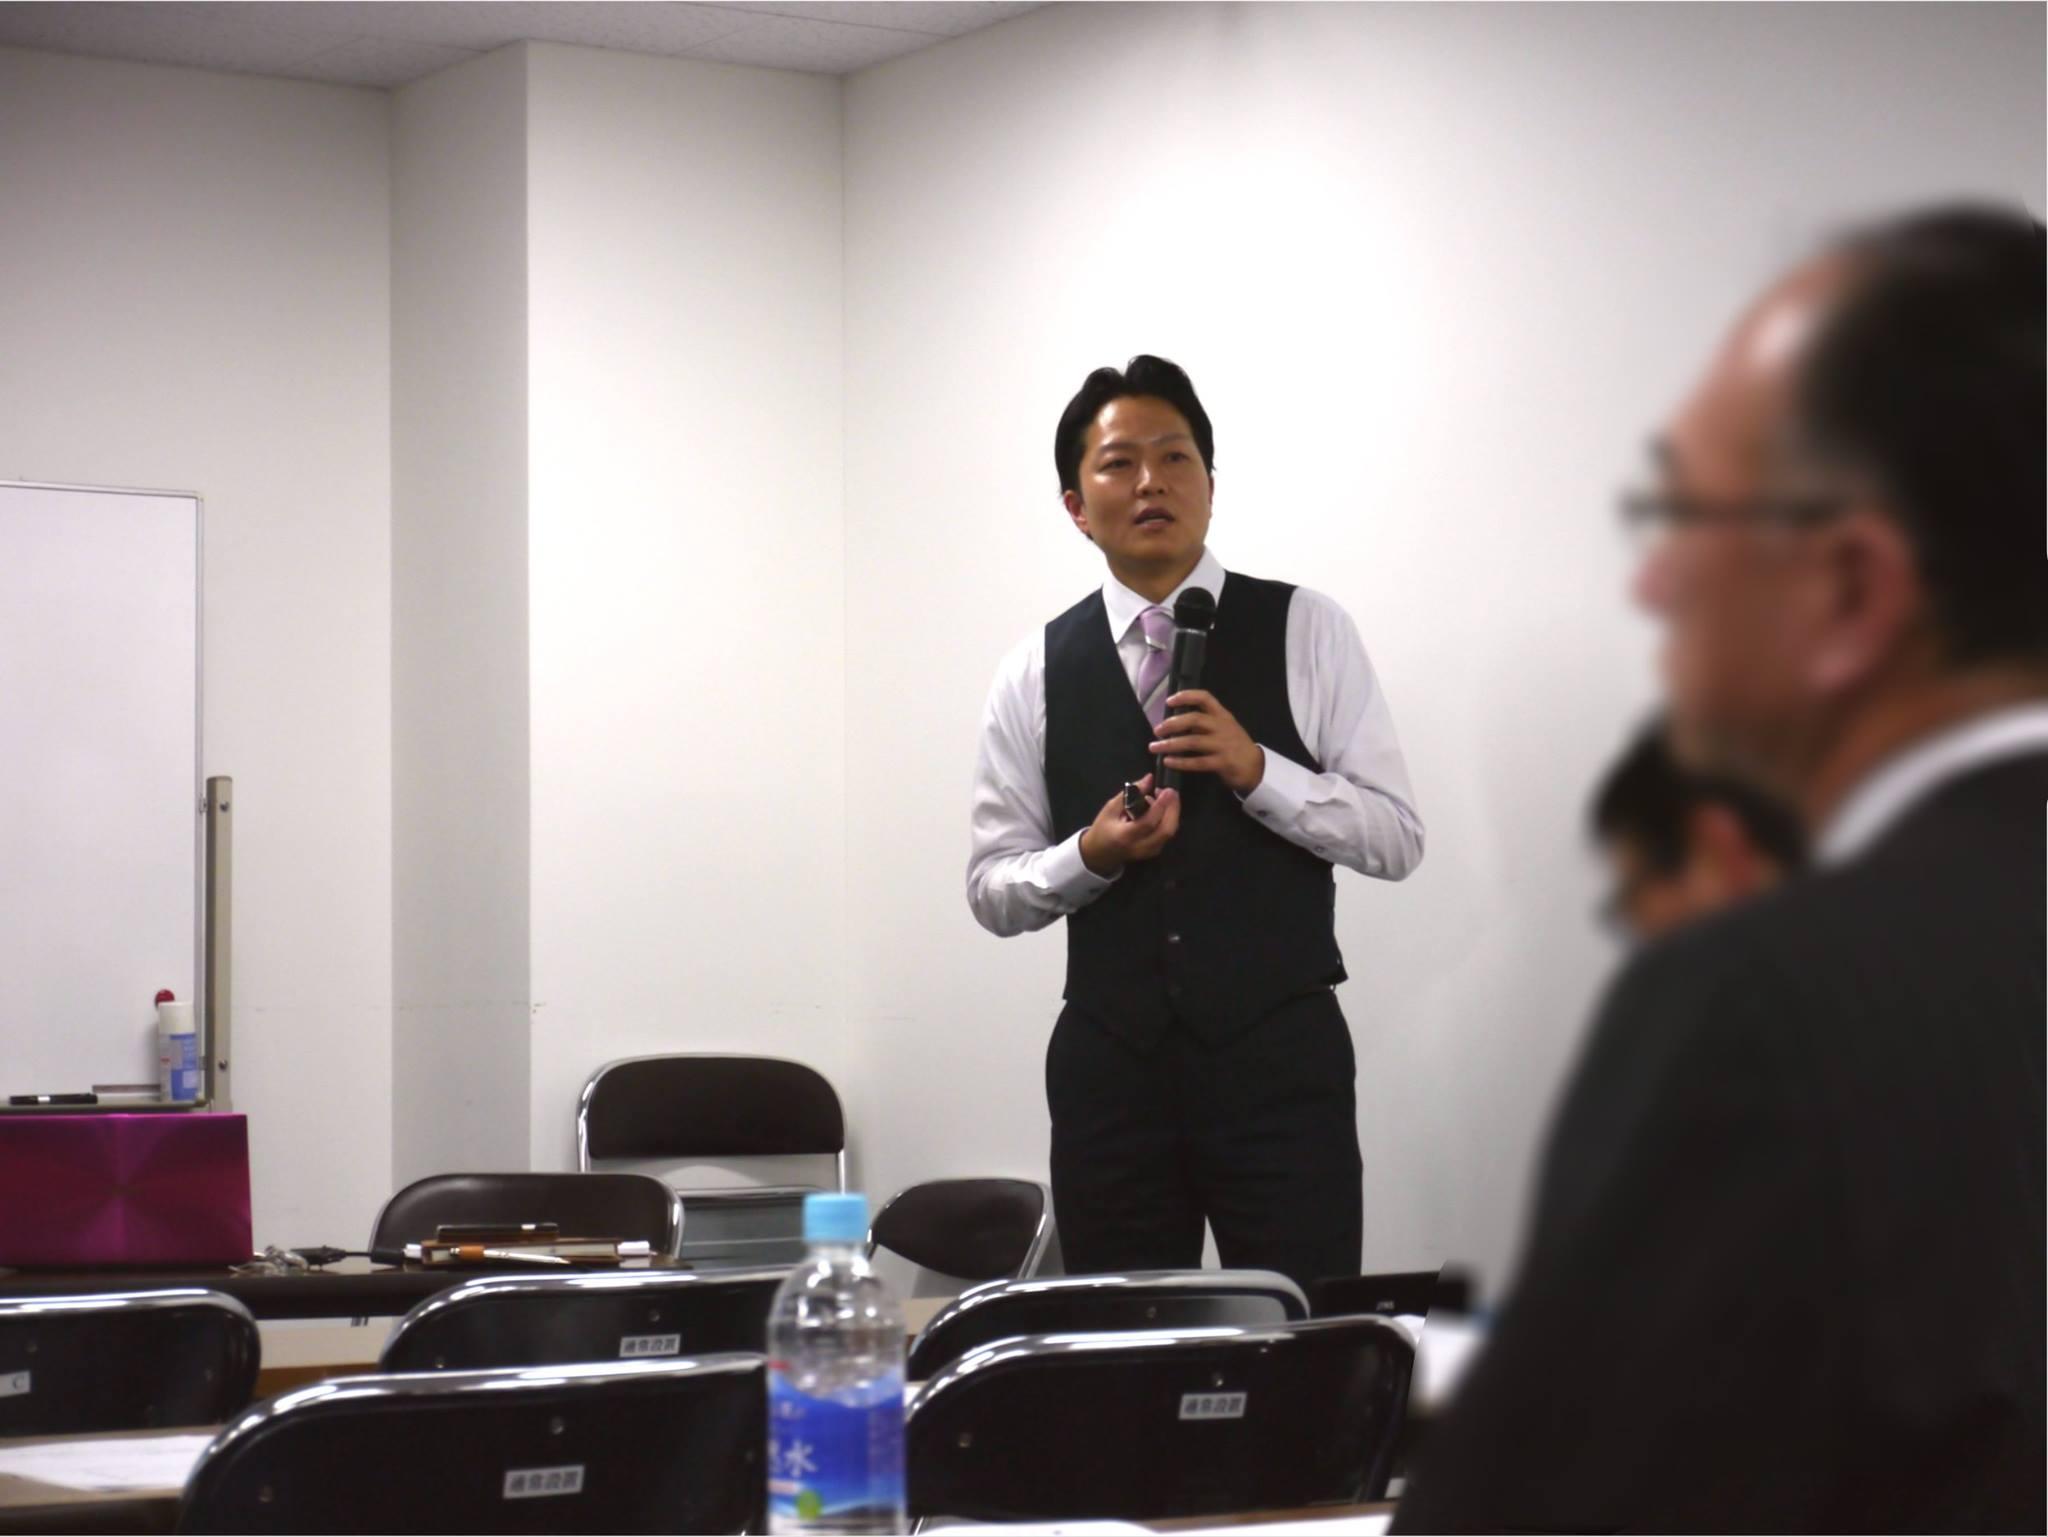 行政書士登録丸5年|行政書士阿部総合事務所